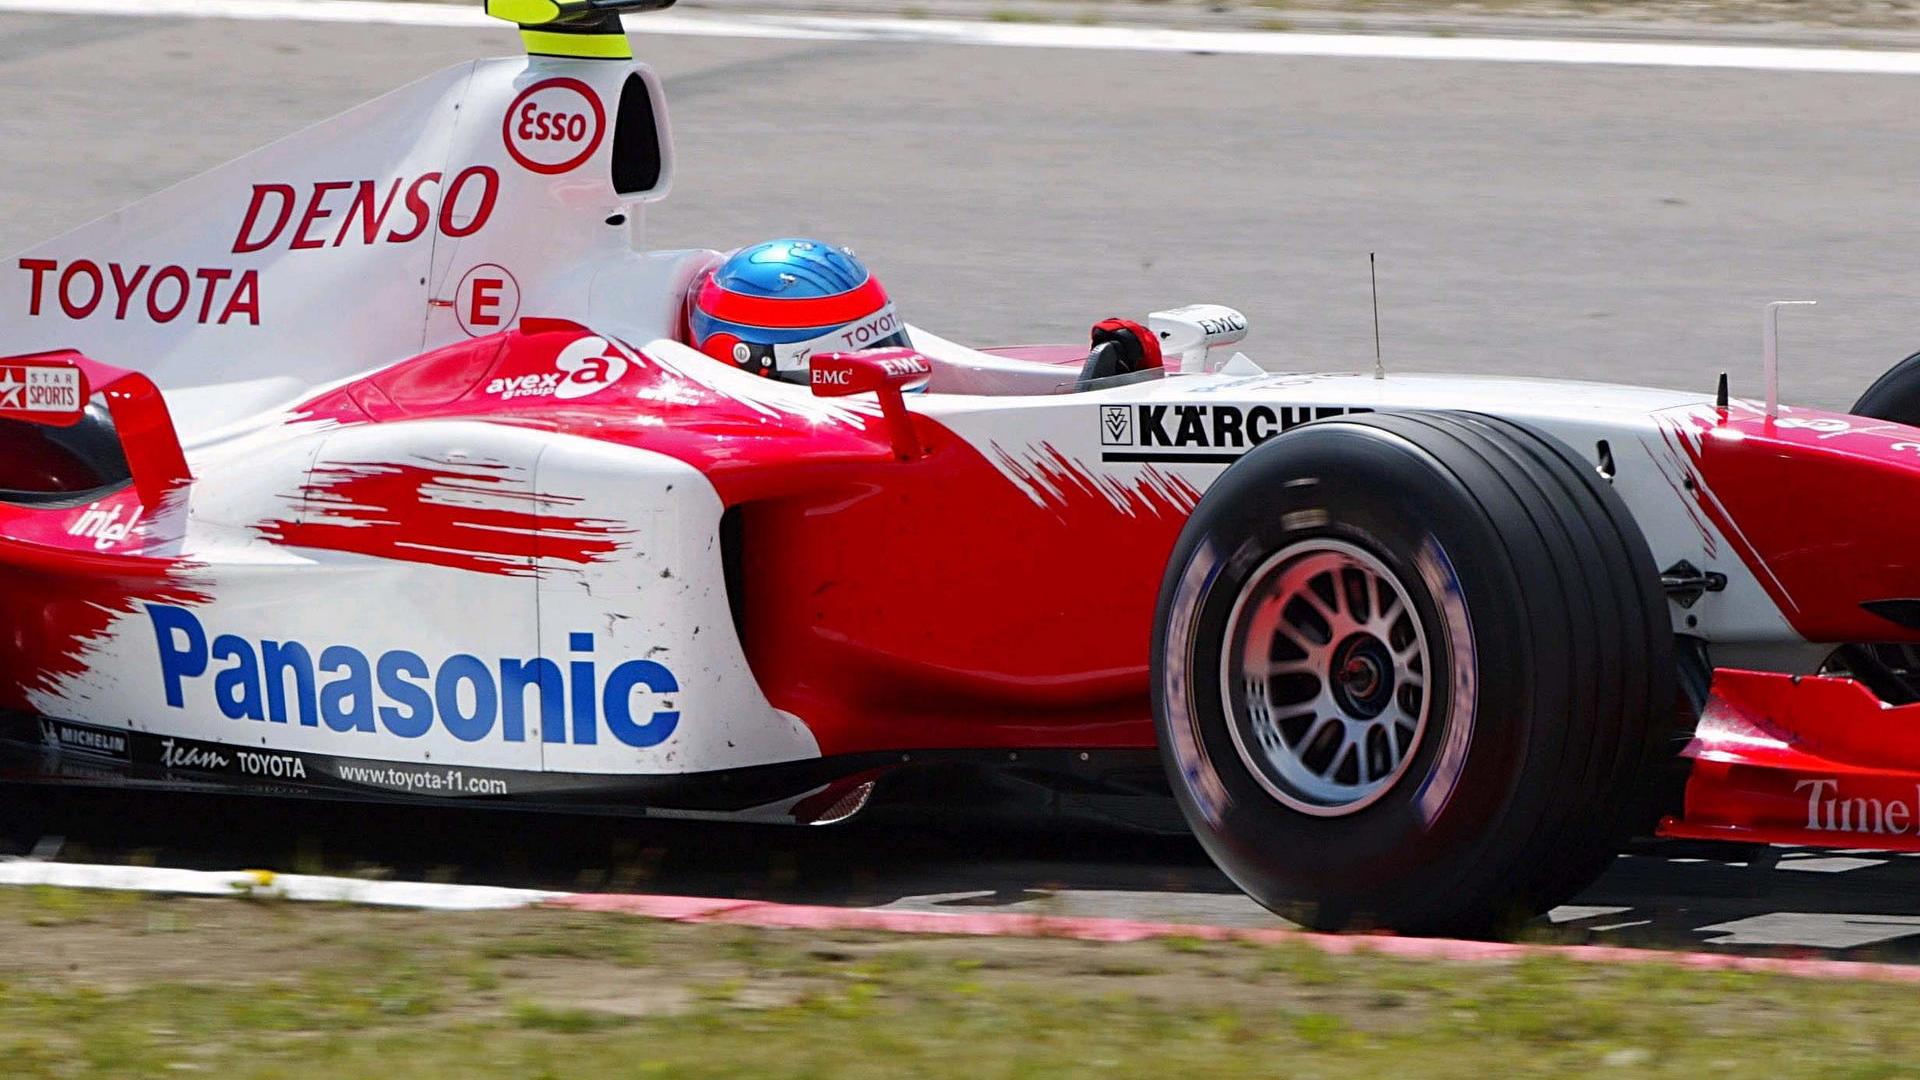 Toyota F1, equipe histórica de Formula 1 de 2004 - by f1-fansite.com